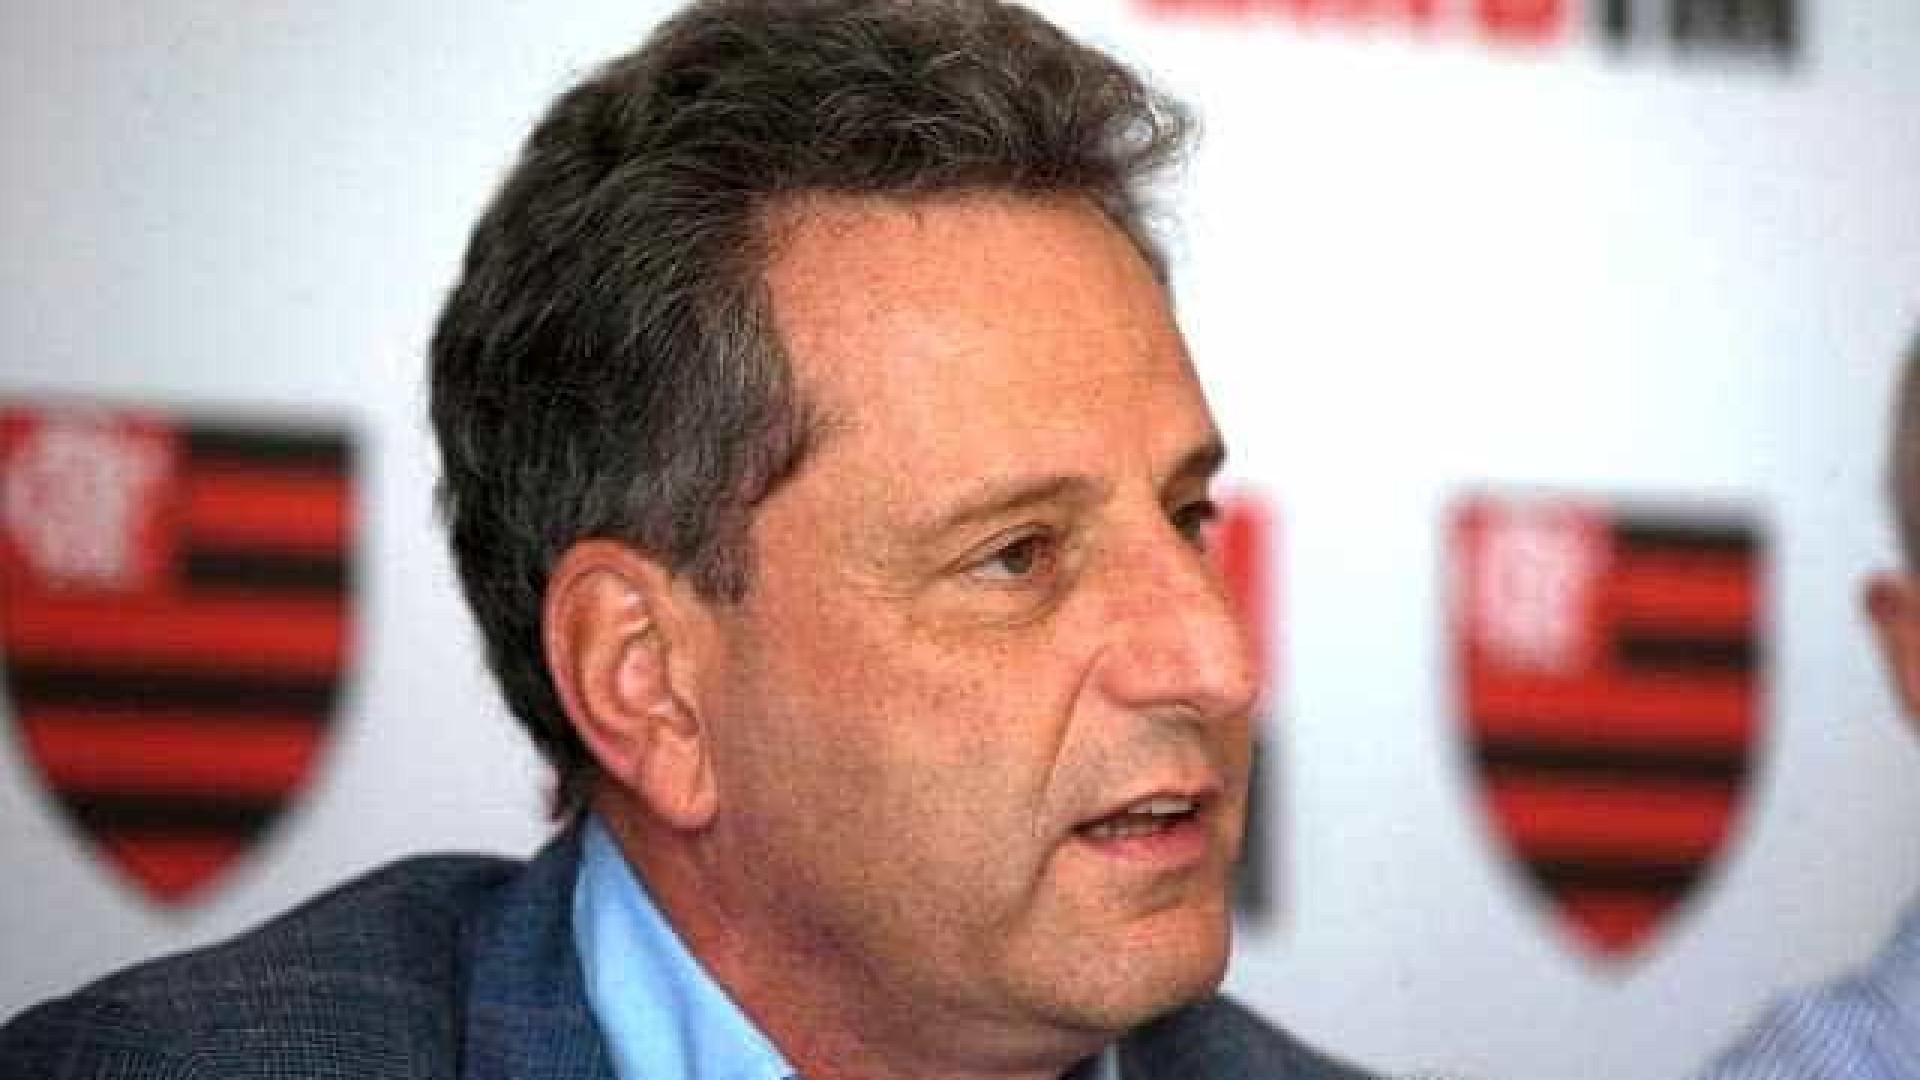 Diretoria do Flamengo sai de reunião sem respostas sobre incêndio em CT